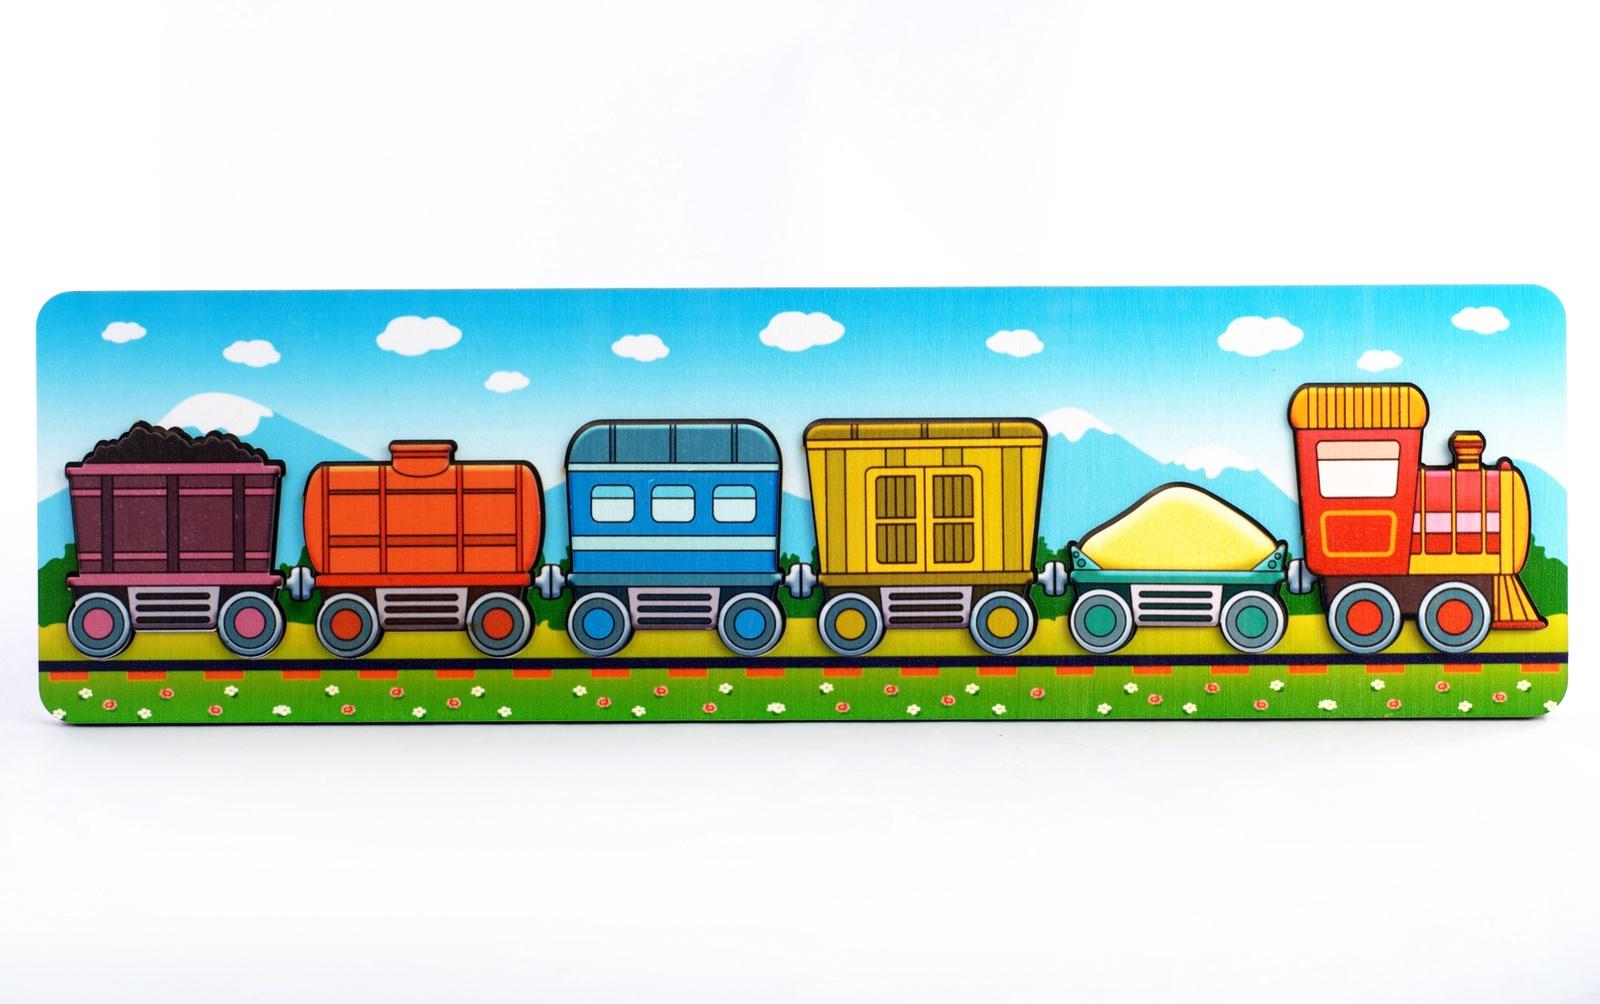 Обучающая игра Нескучные игры Пазл-рамка для малышей Паровозик с вагончиками 7969